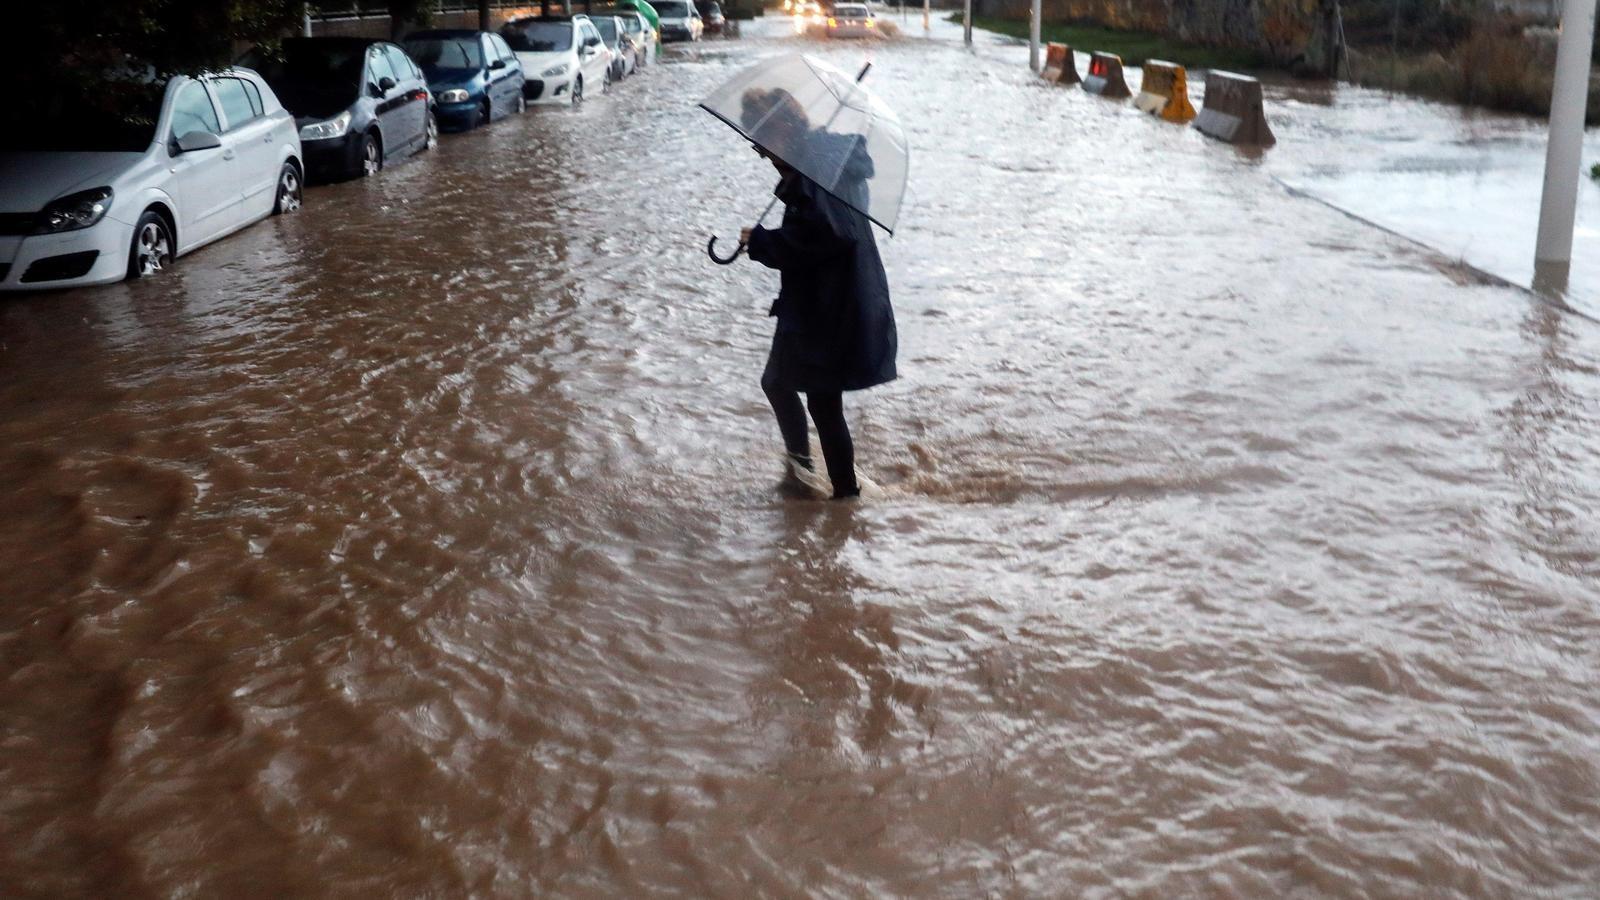 Estacions de metro plenes d'aigua i autobusos inundats per les fortes pluges a València